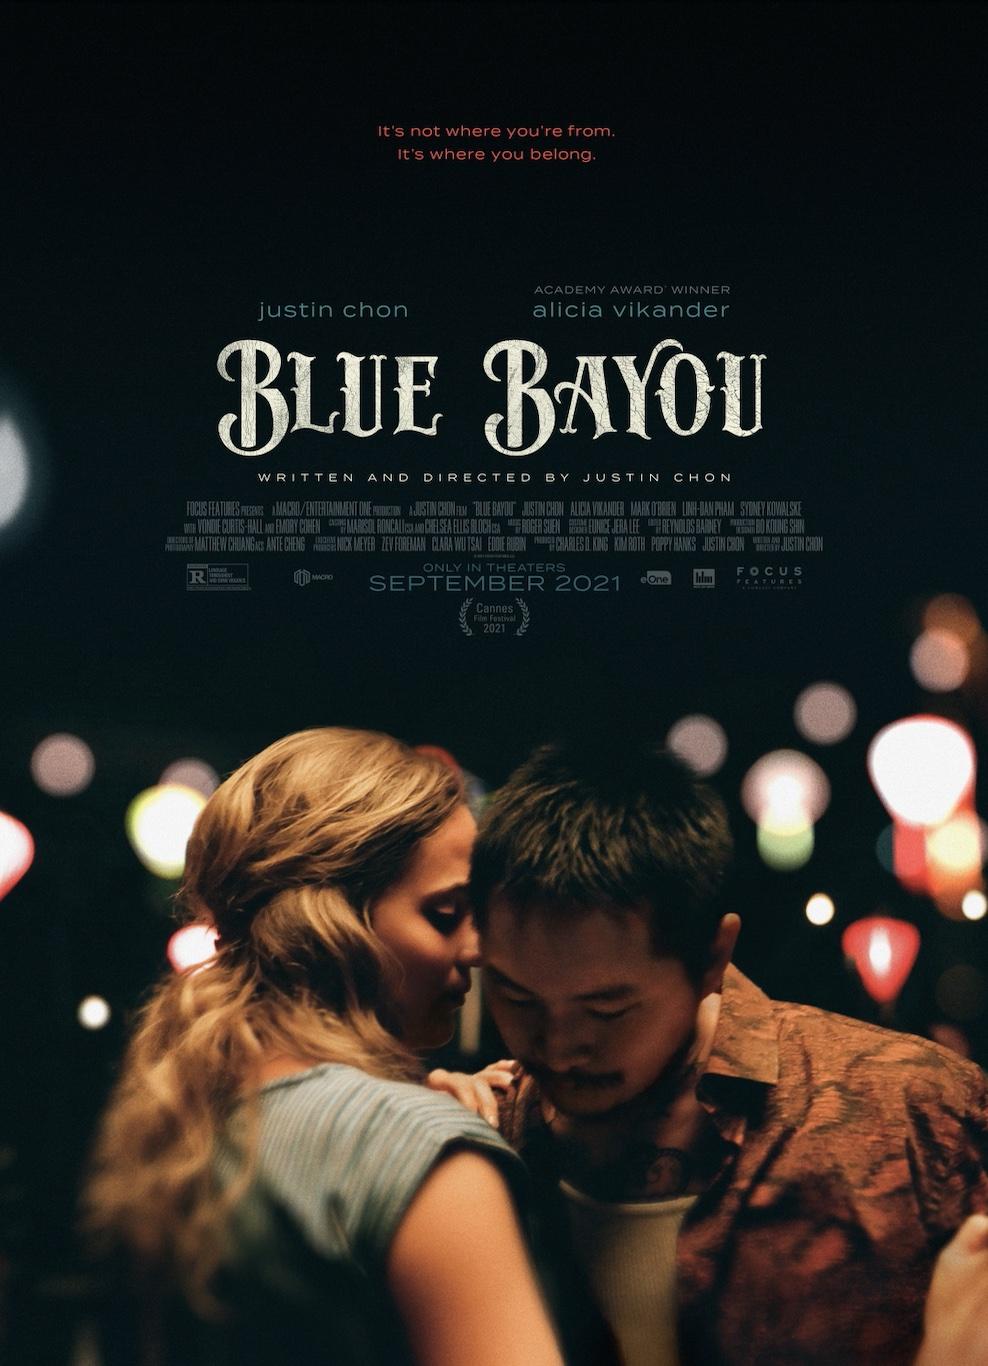 Assistir grátis Blue Bayou Online sem proteção